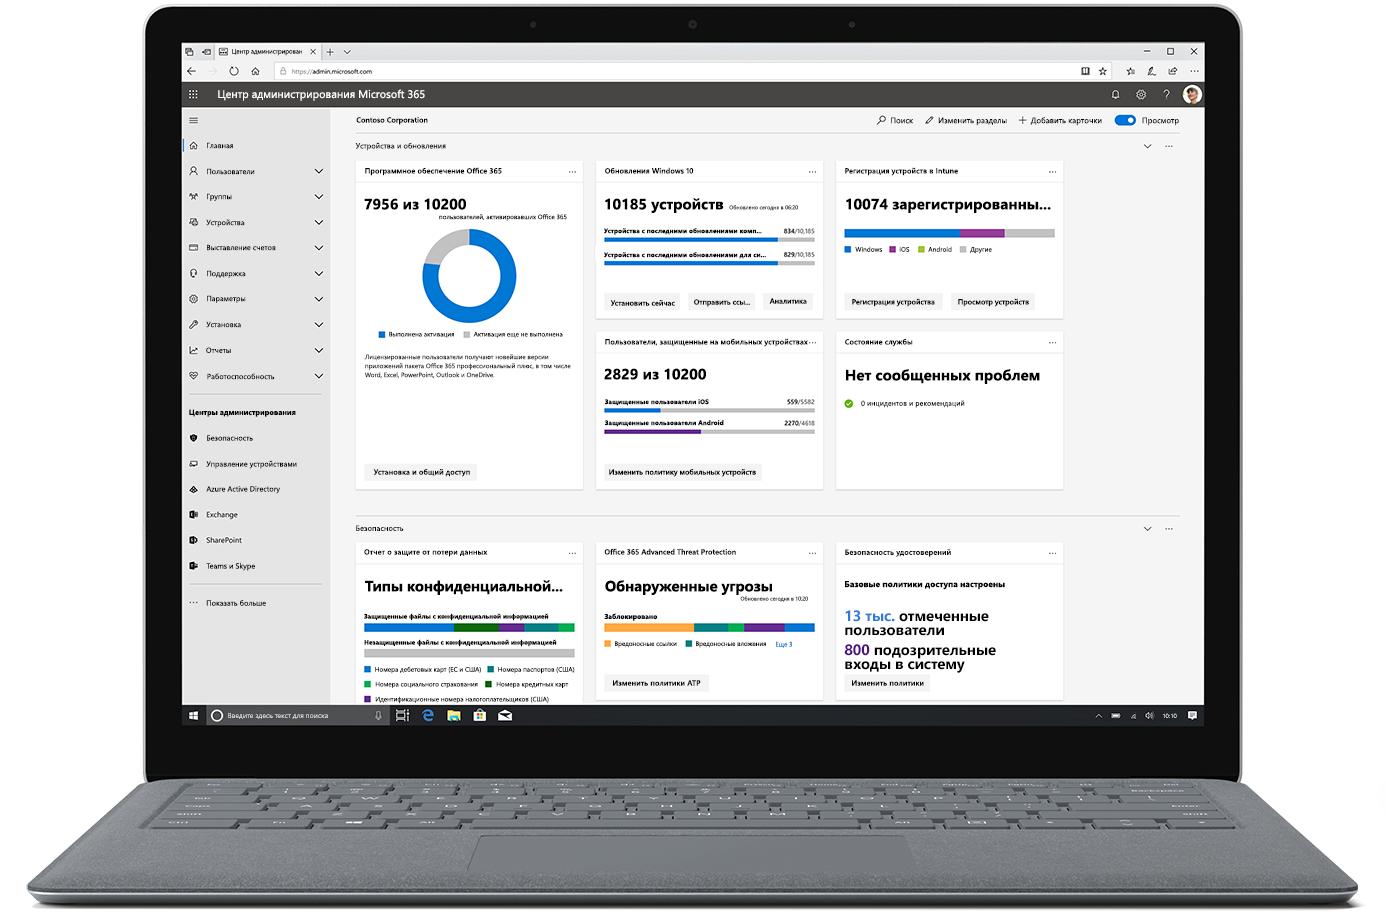 Изображение Центра администрирования Microsoft365 на открытом ноутбуке